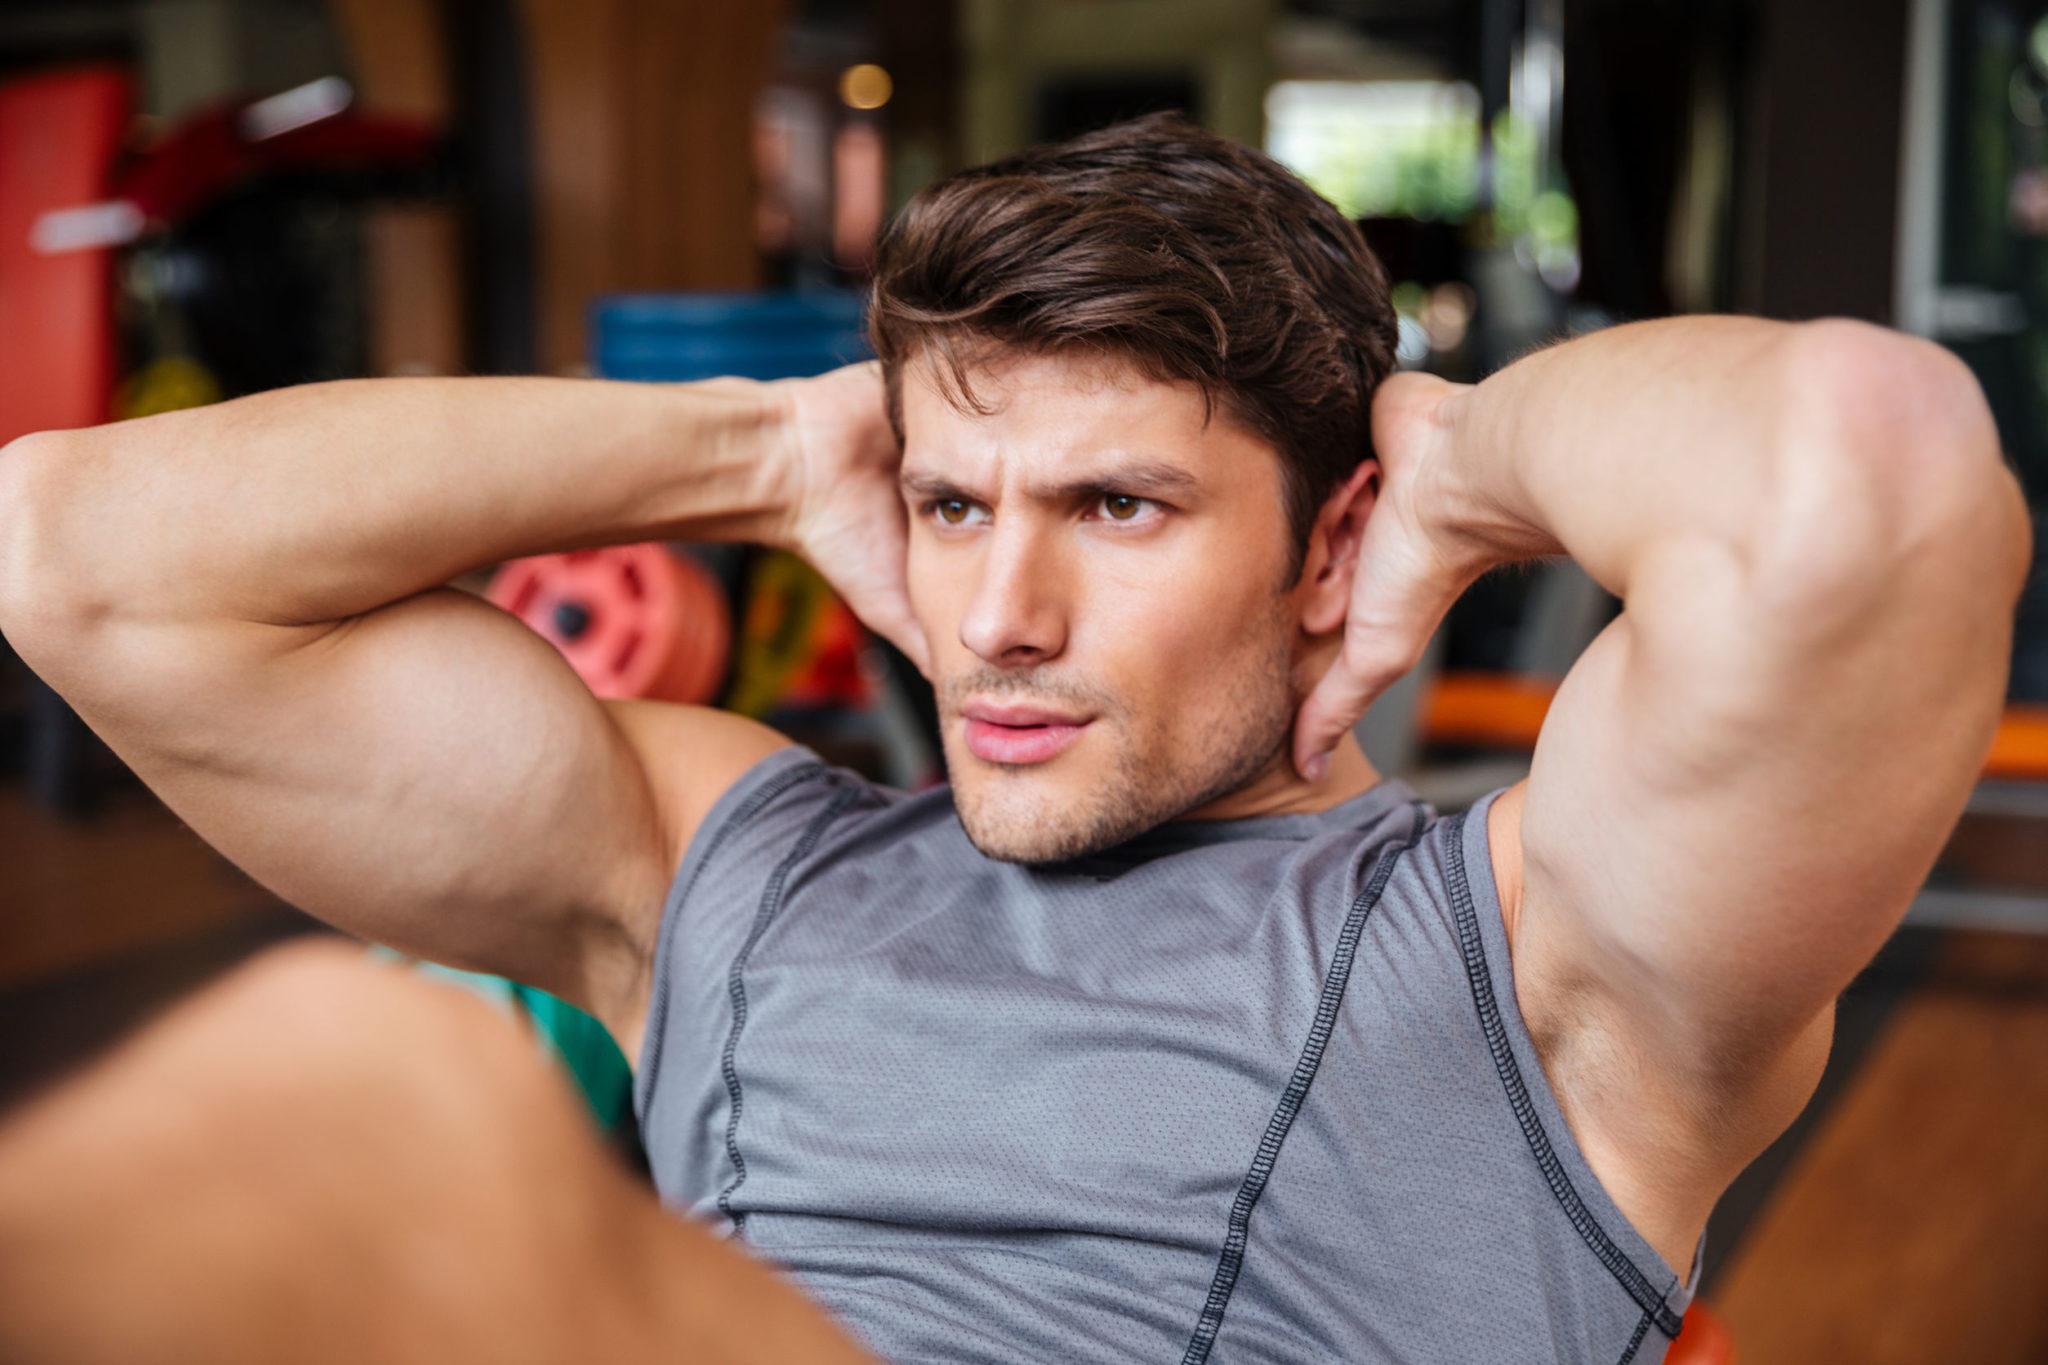 exercice excessif pour perdre du poids rapidement